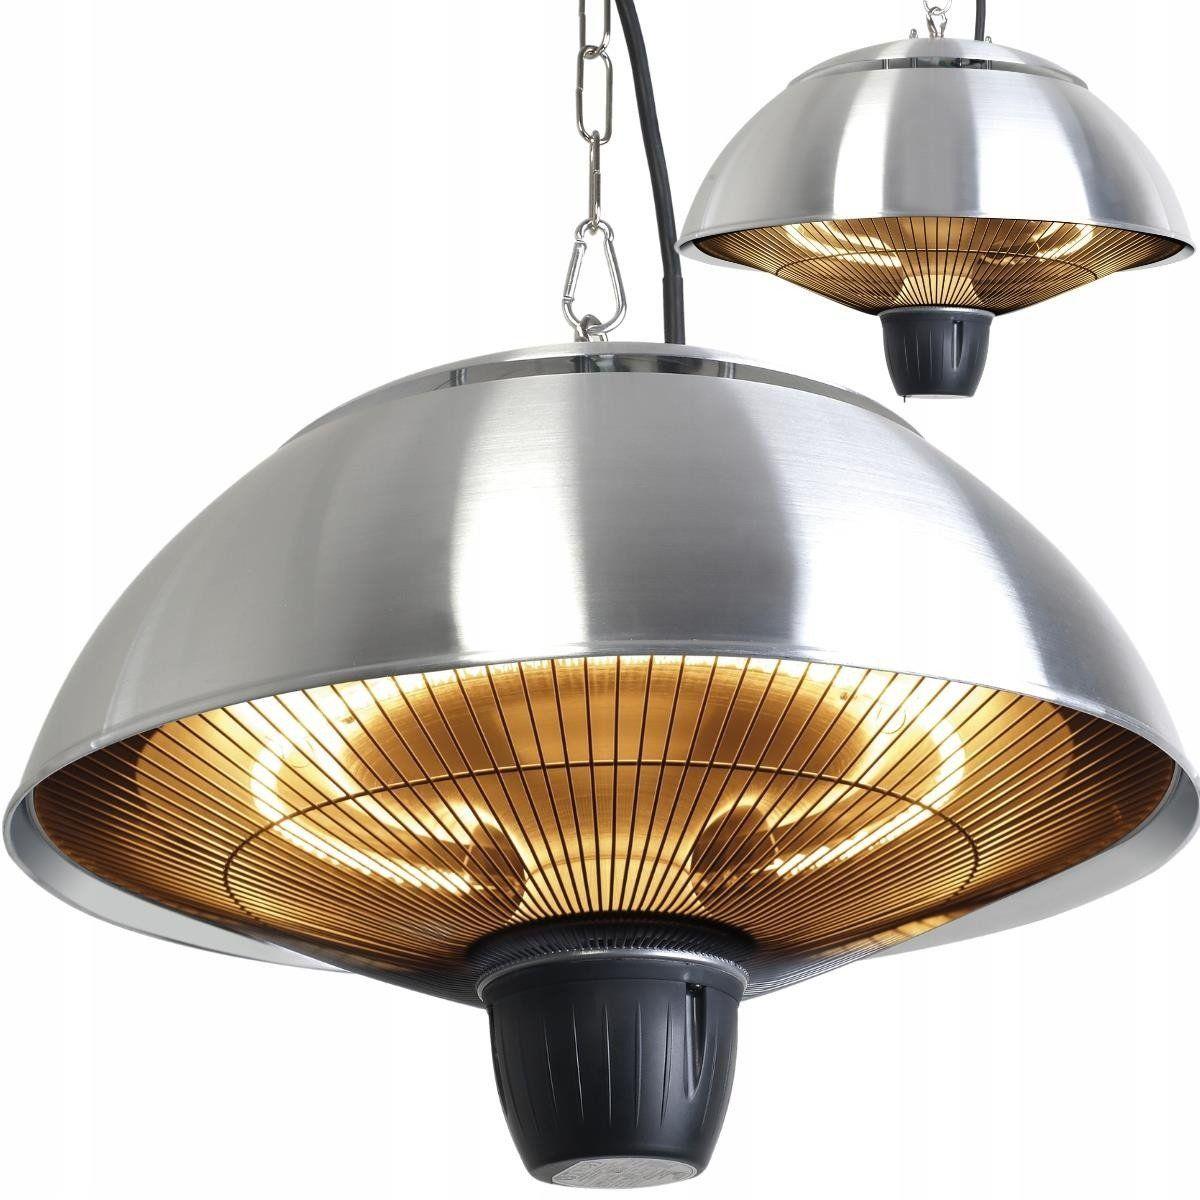 Promiennik Podczerwieni Wiszący Premium SunRay HPH1501S - Srebrny